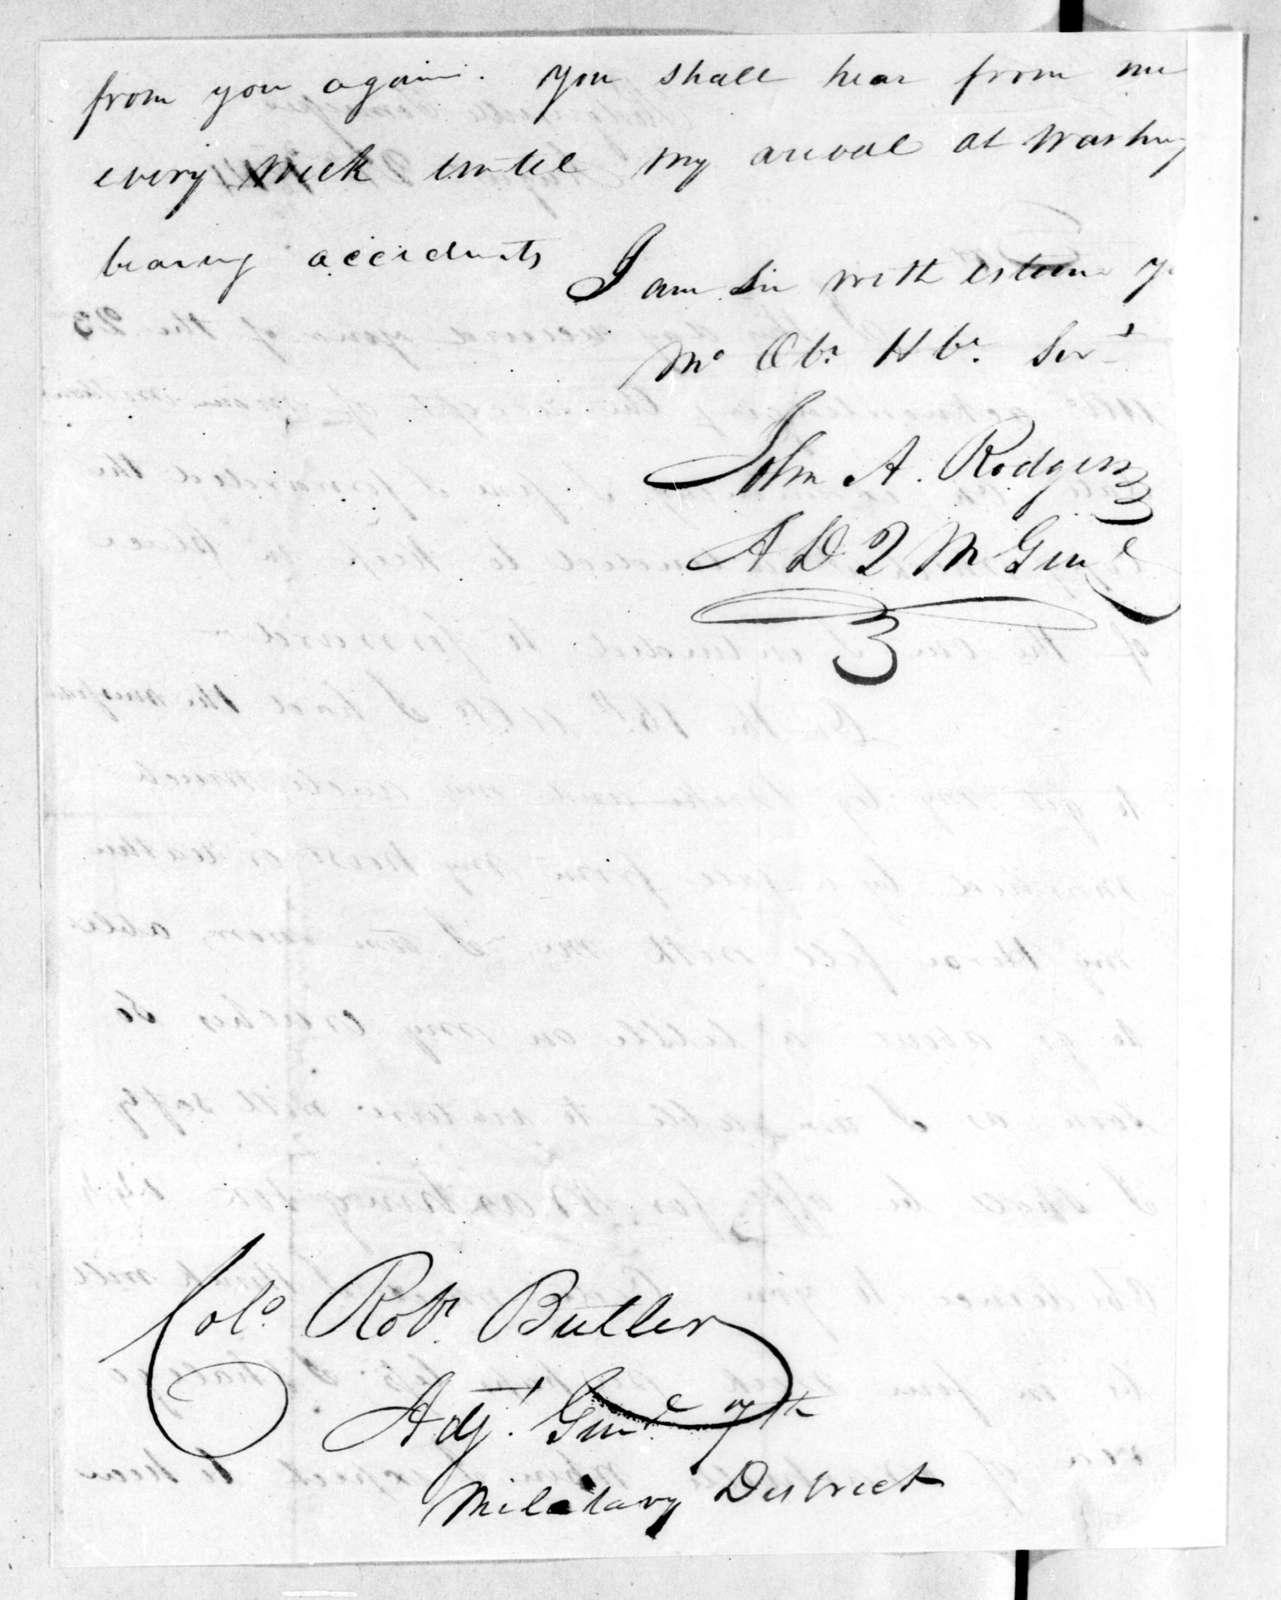 John A. Rogers to Robert Butler, August 22, 1814